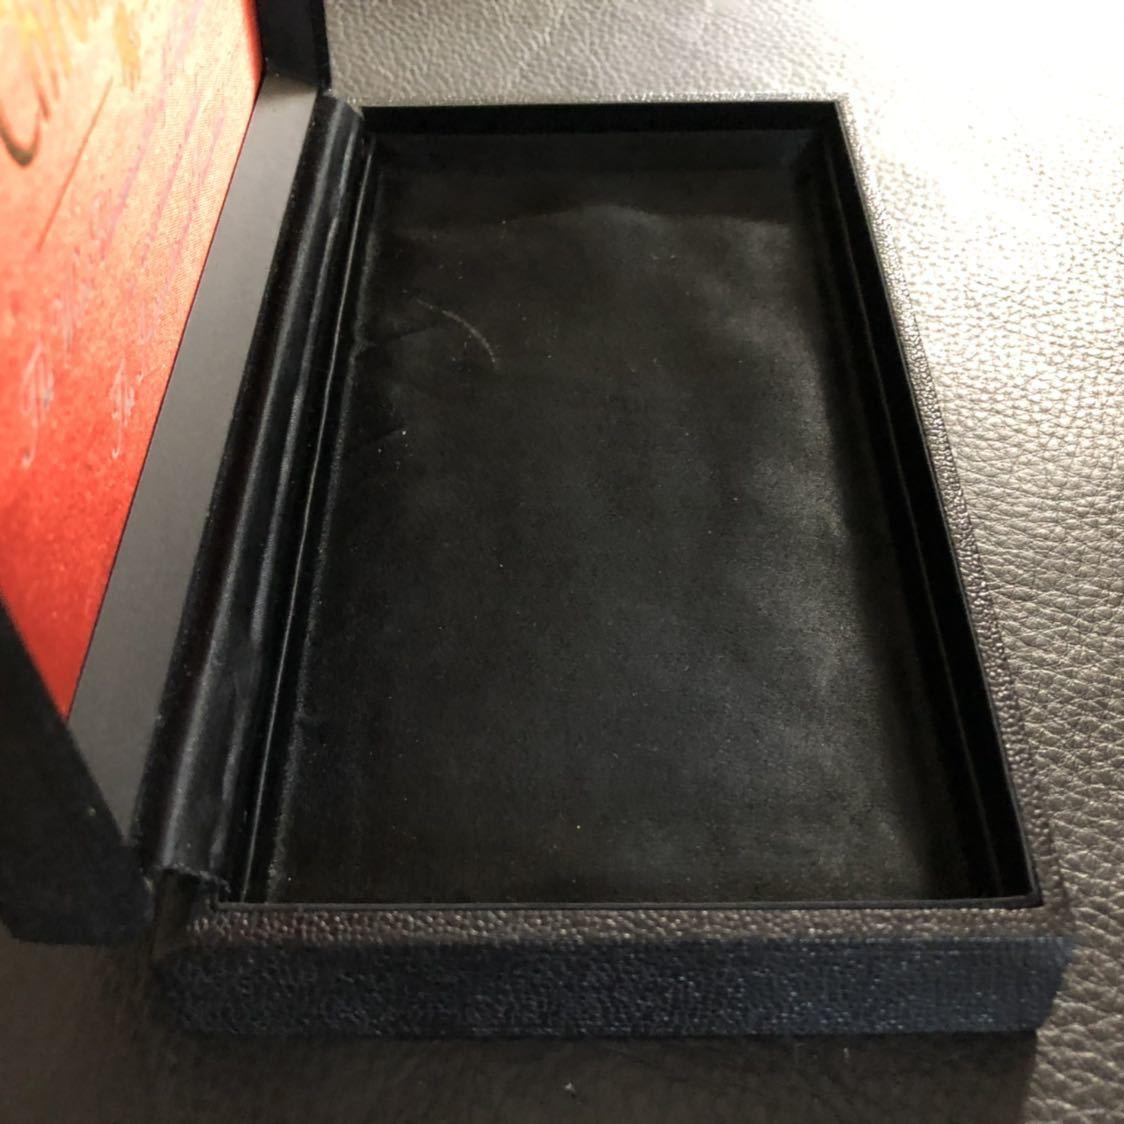 美品 SEIKO クロノメーター専用 腕時計化粧箱 当時物オリジナル品(外箱、敷地シート無し)_画像5